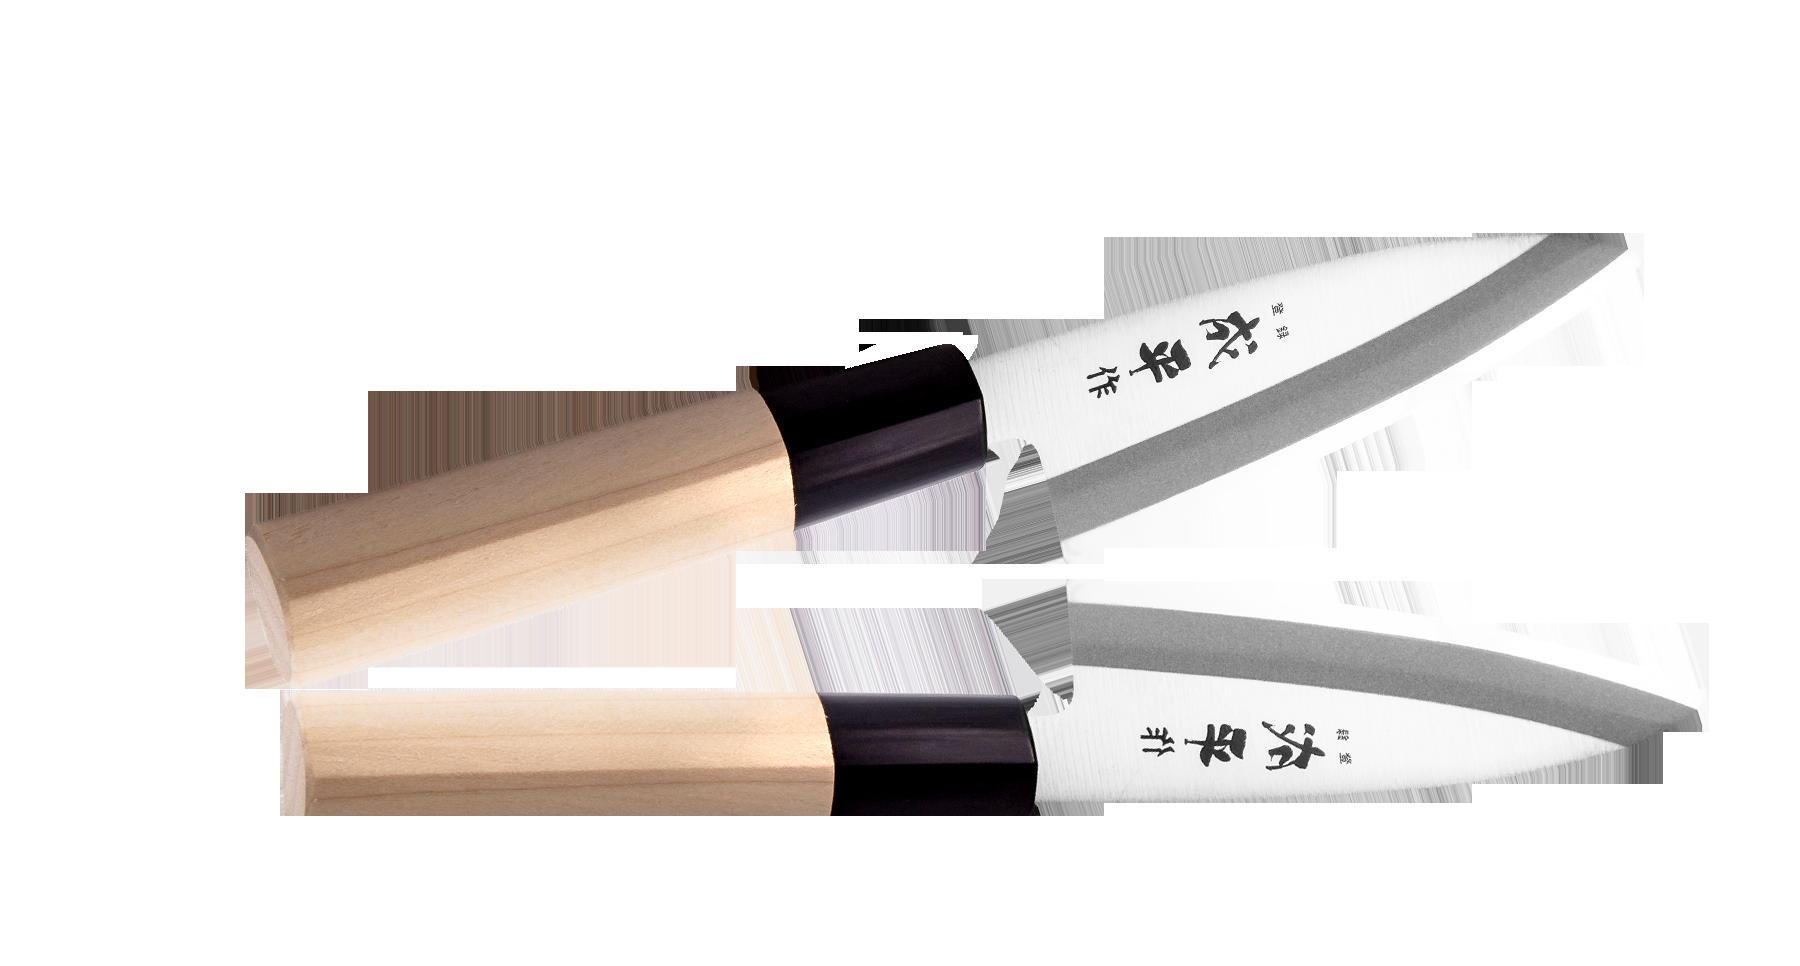 ��� ���� Narihira 105 ��, ����� AUS-8, ������� ������ Tojiro